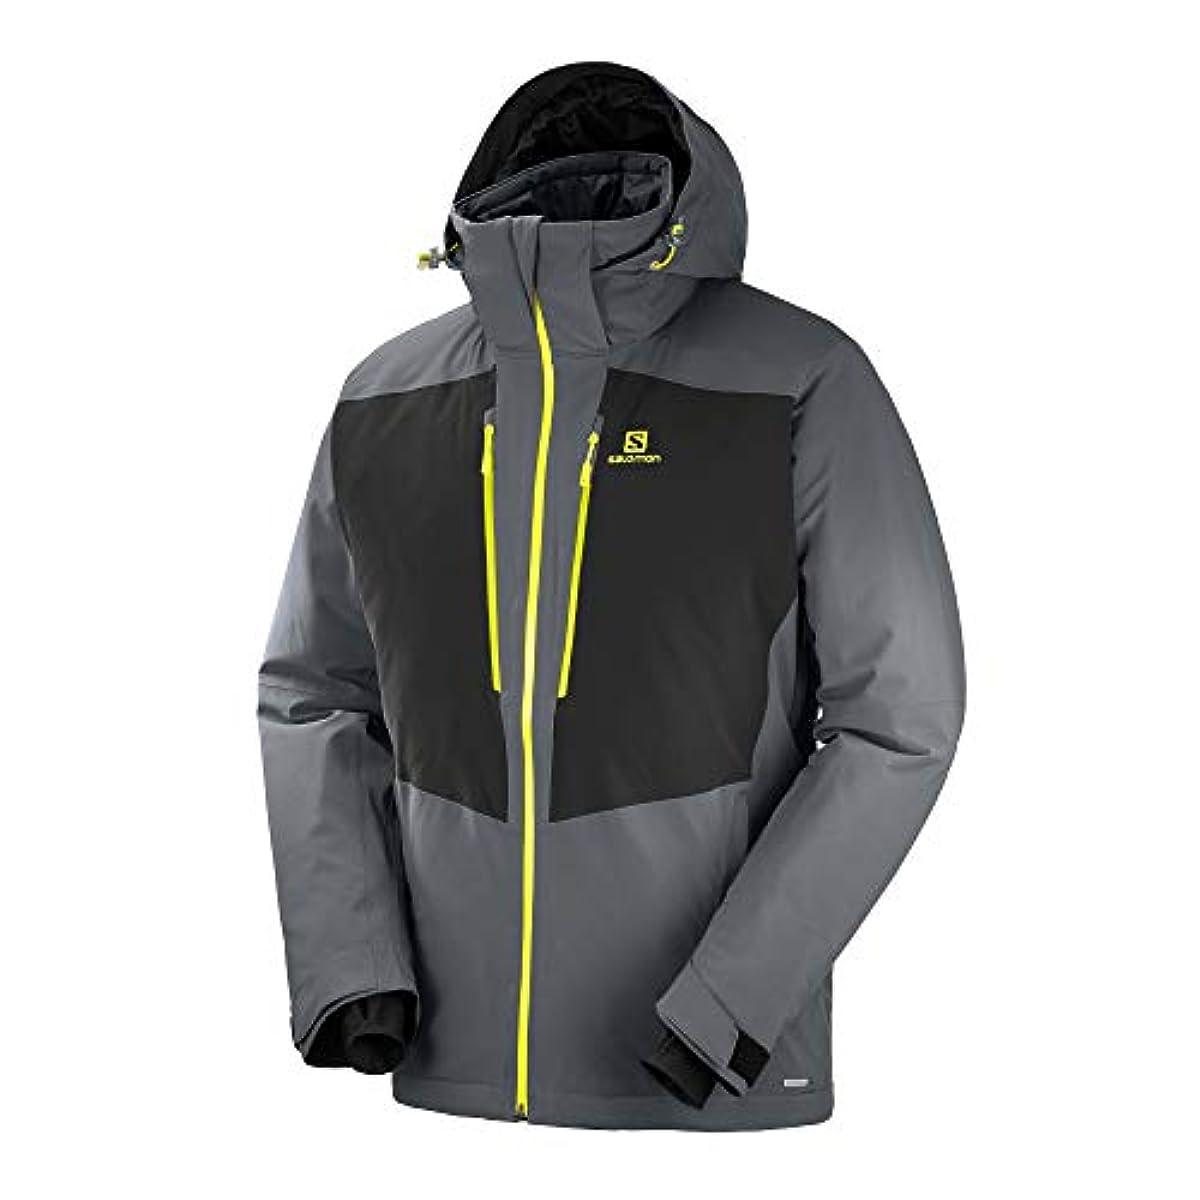 [해외] 살로몬SALOMON 스키 웨어 맨즈 재킷 ICEFROST JACKET MEN 아이스 프로스ROSS트 재킷 맨즈 2018-19년 모델 사이즈S~XL